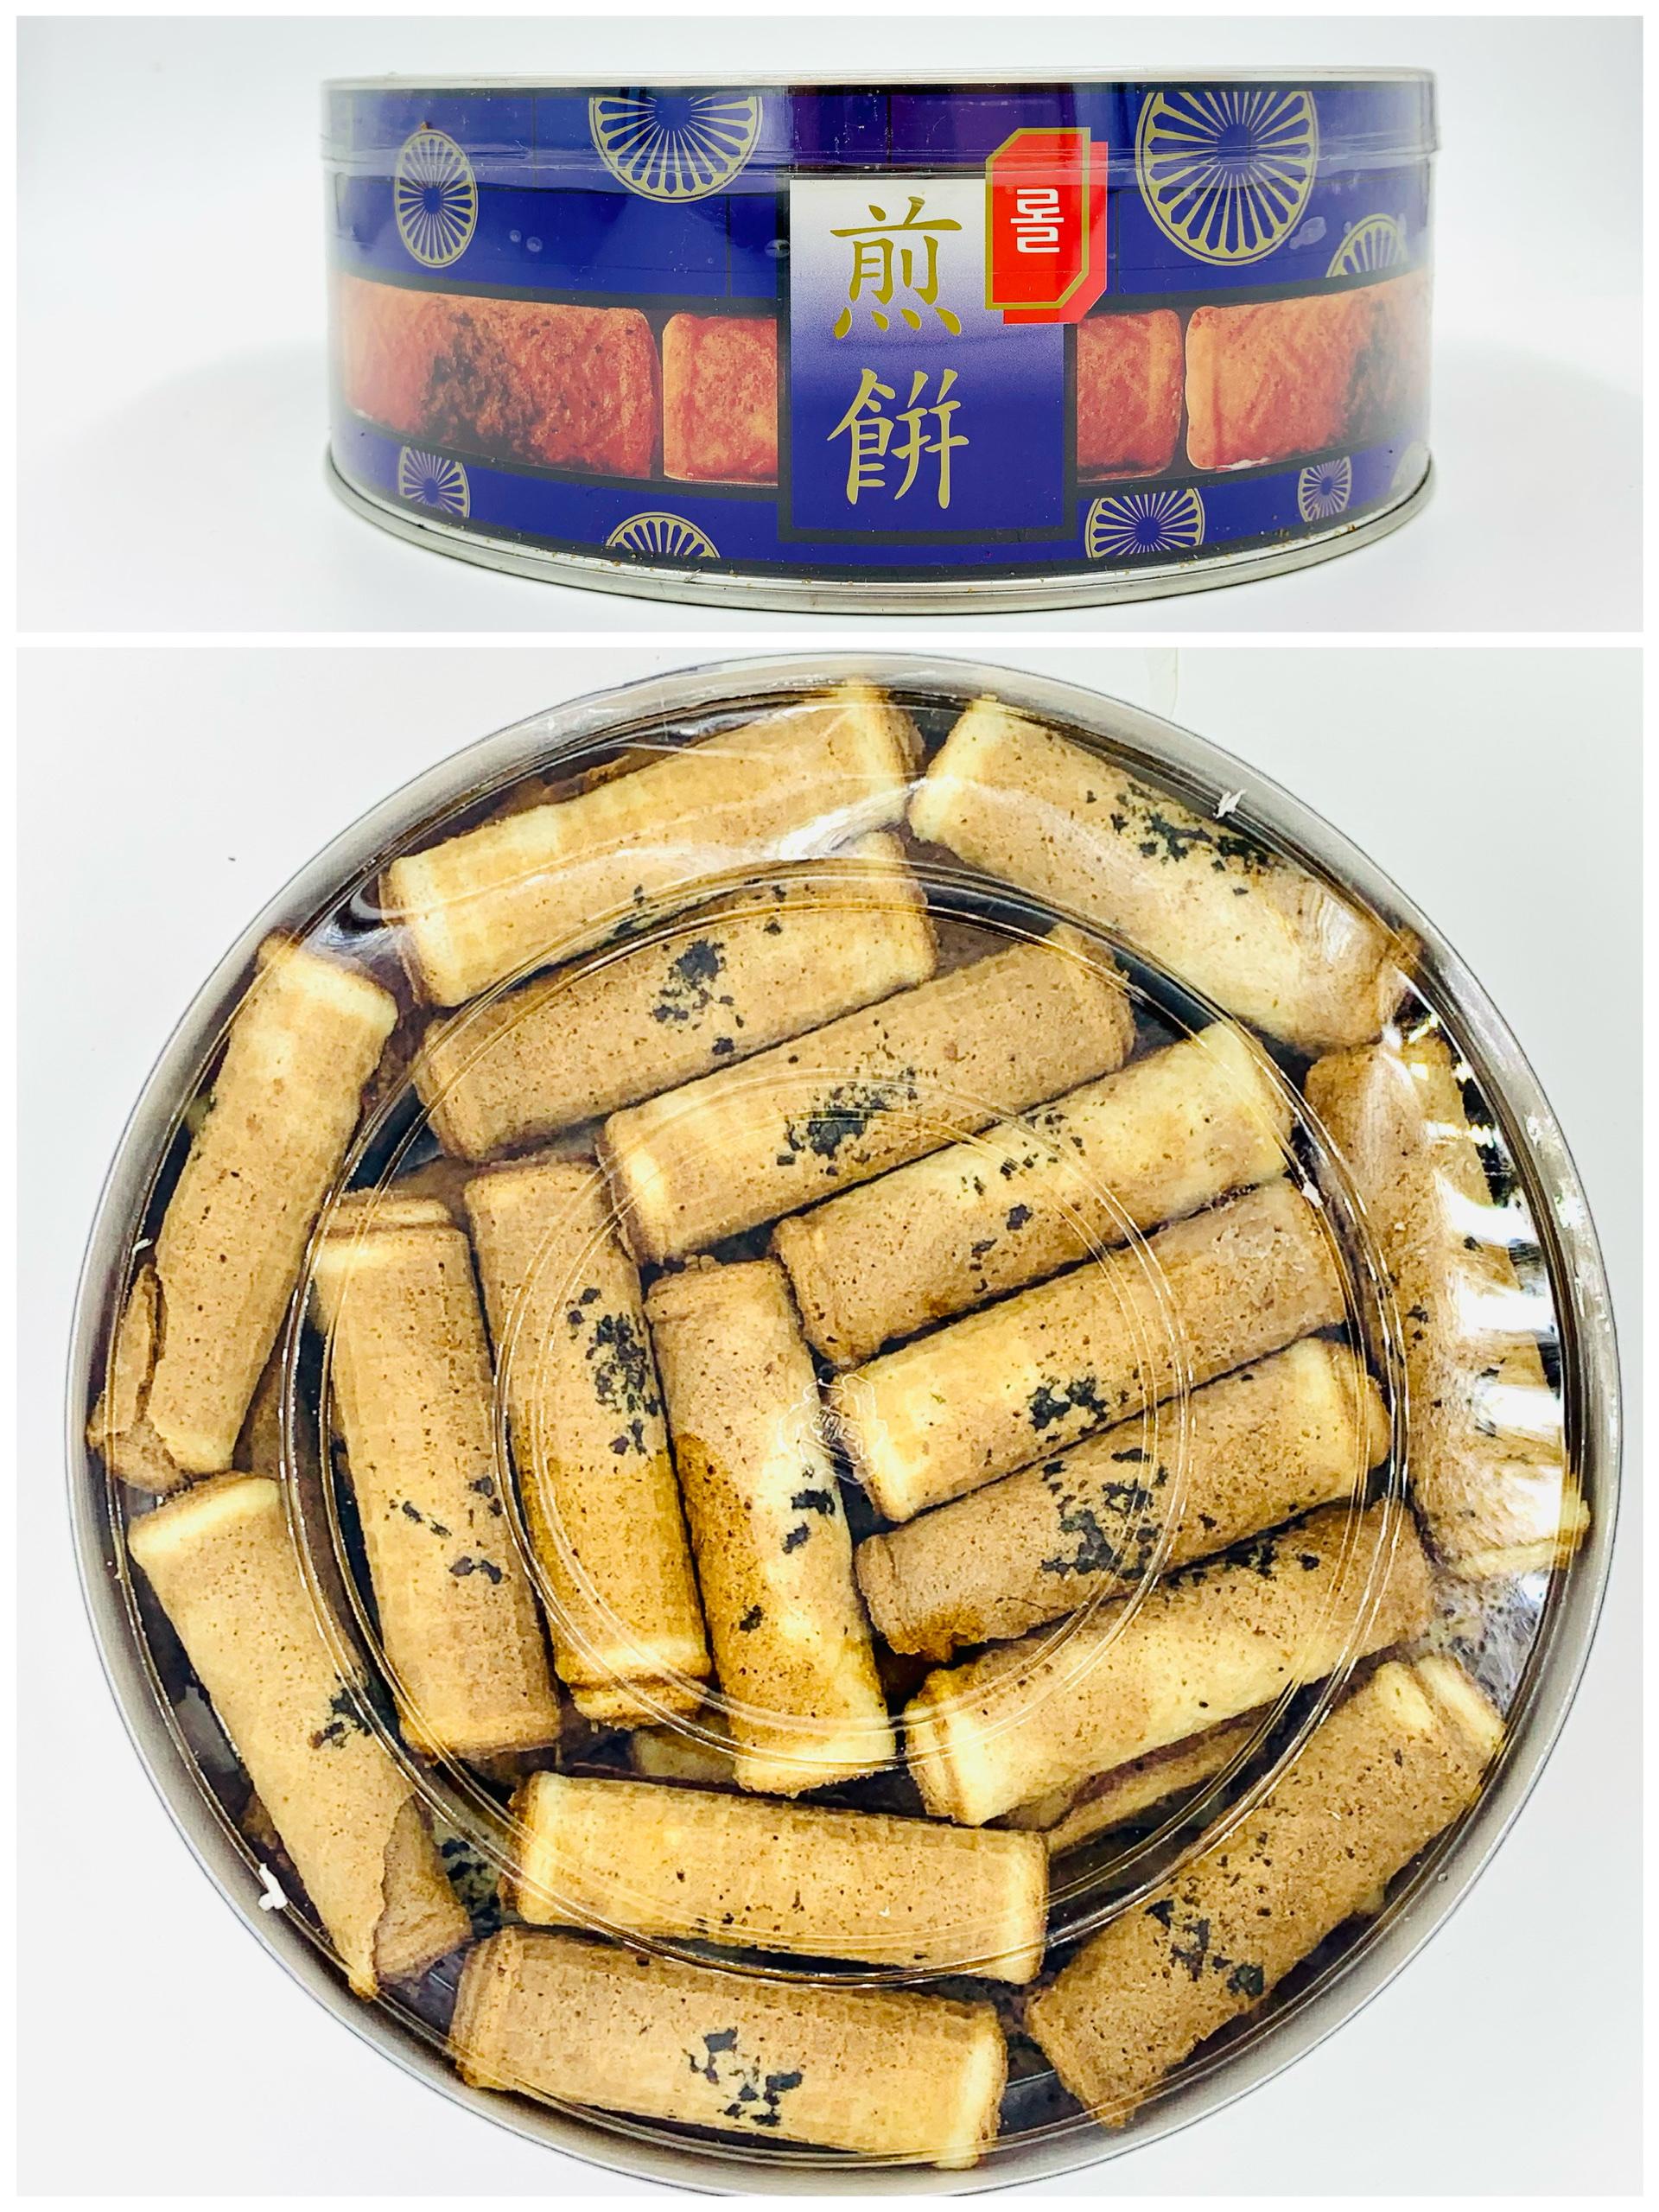 Bánh cuộn giòn Hàn Quốc 430g